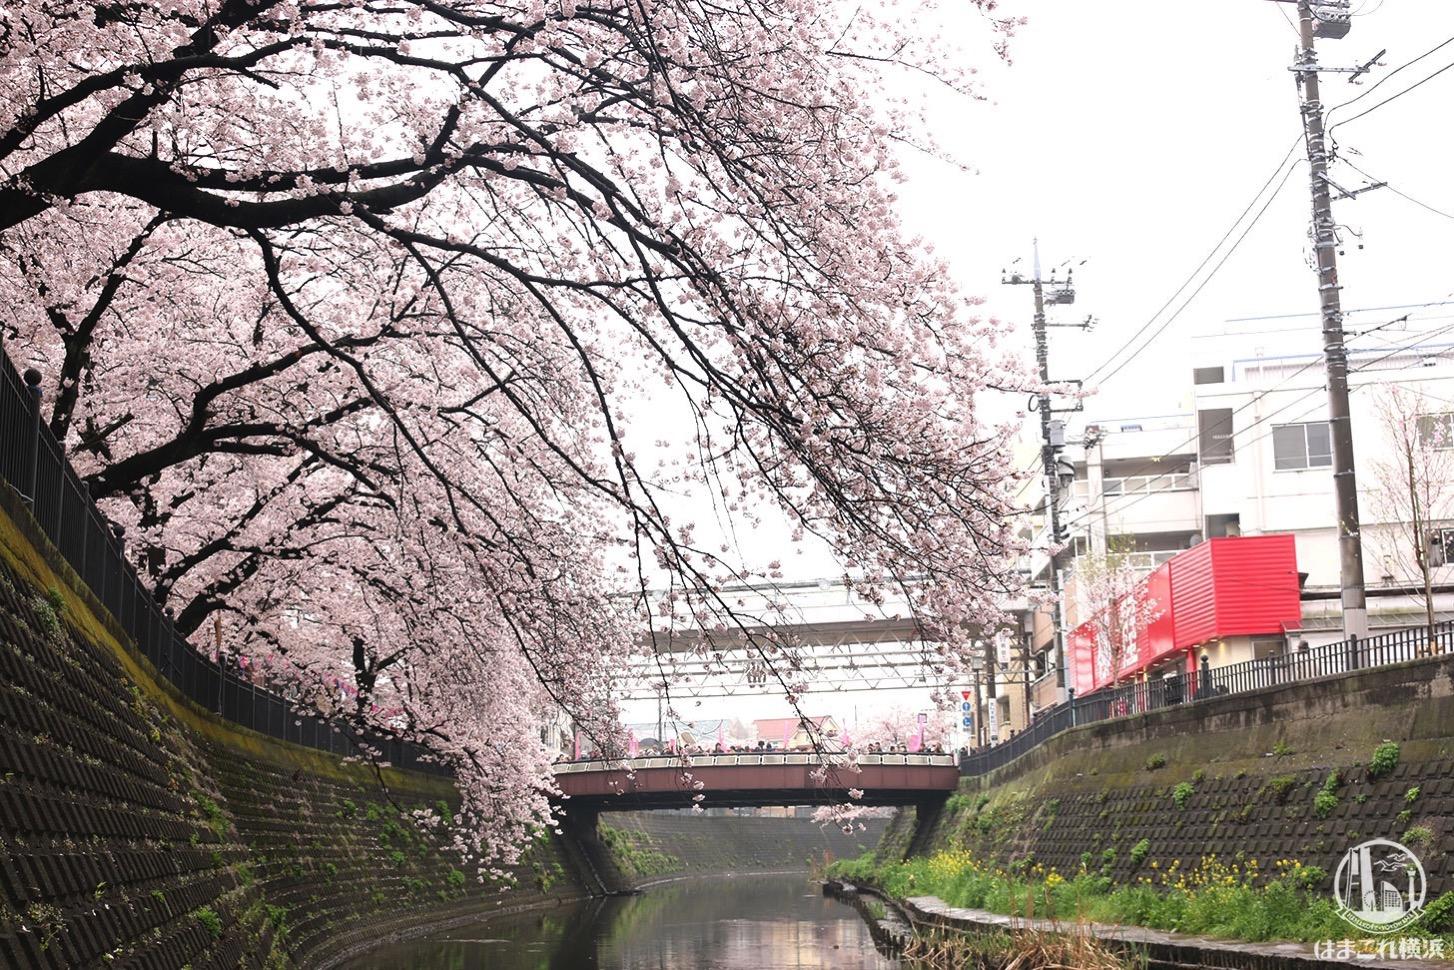 歩道の下から見上げる桜